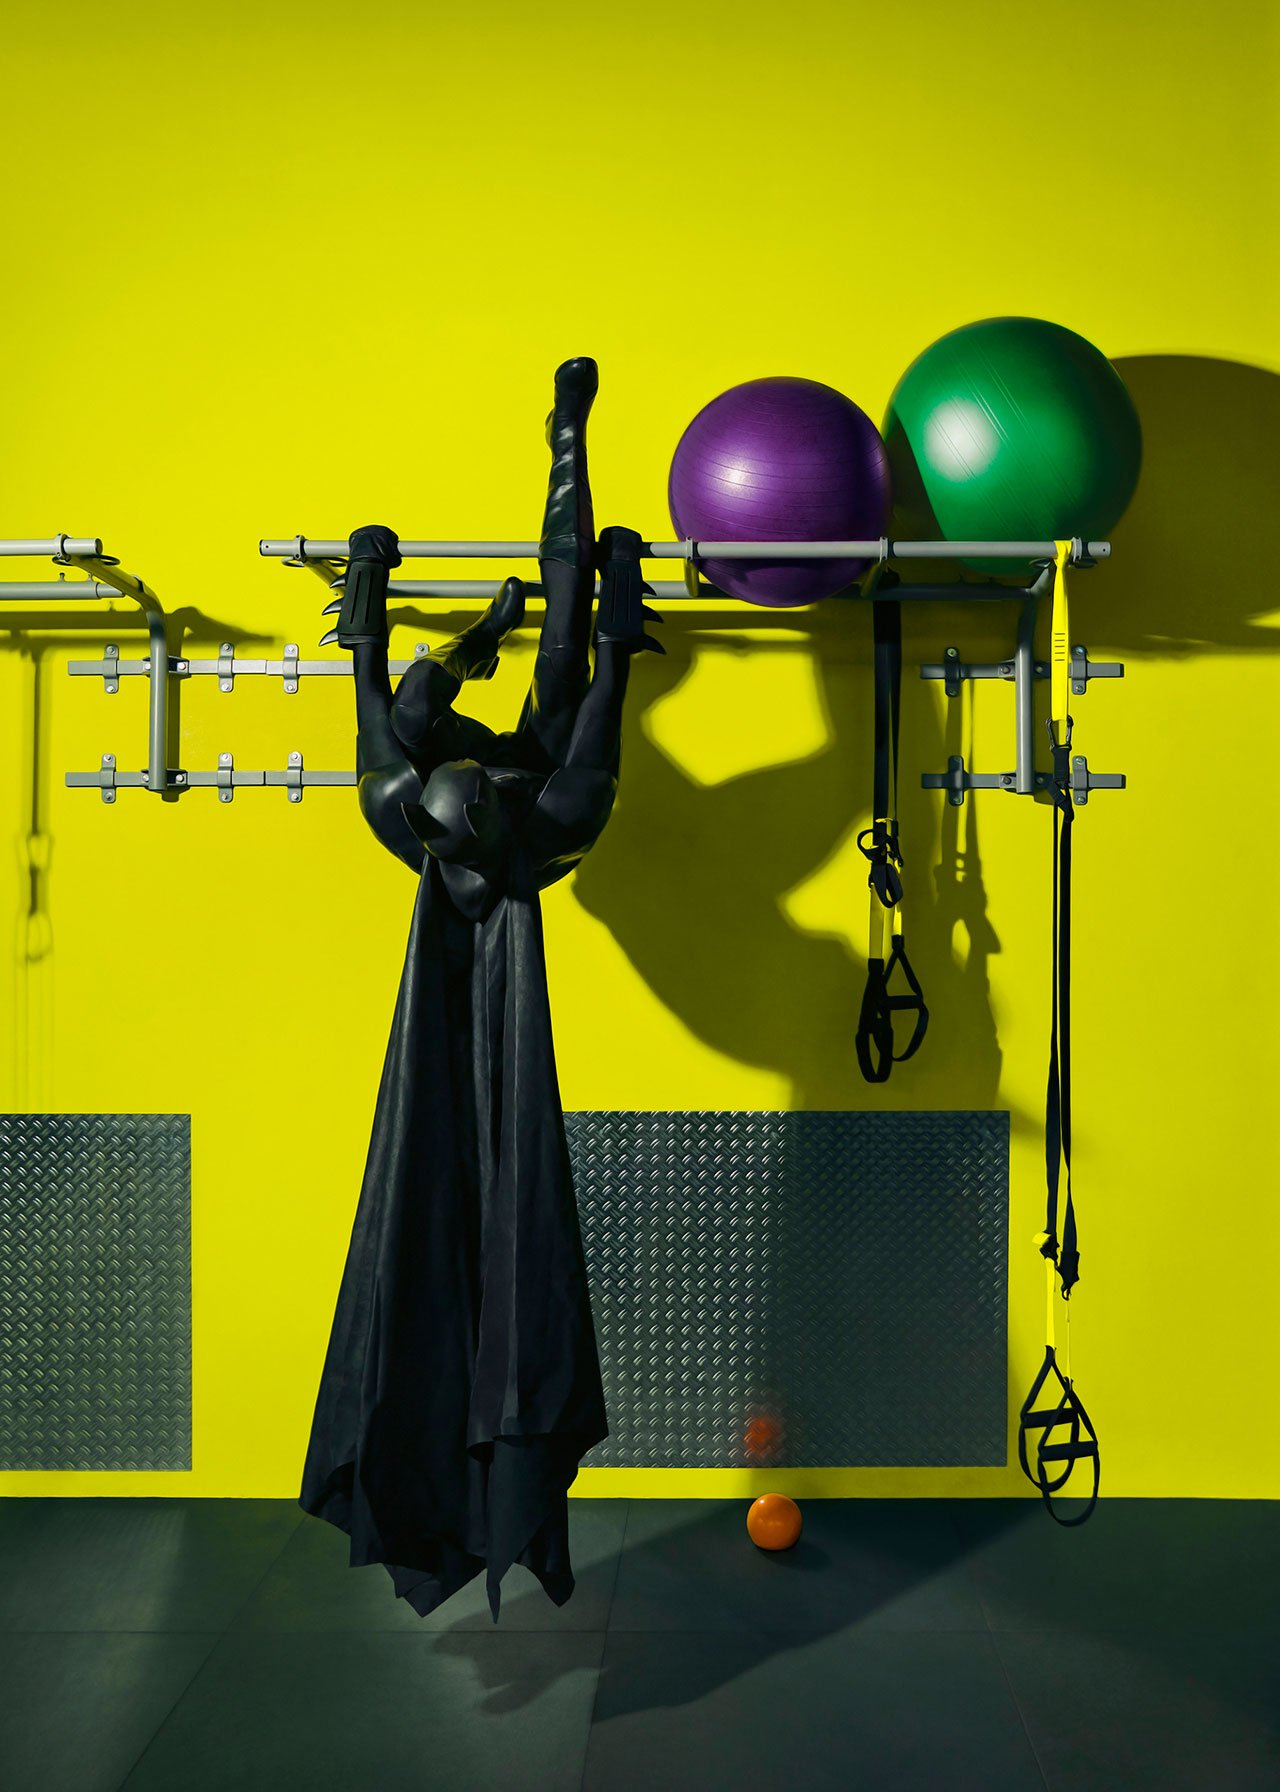 Daily Bat - Gymnastic. Photography by Sebastian Magnani.